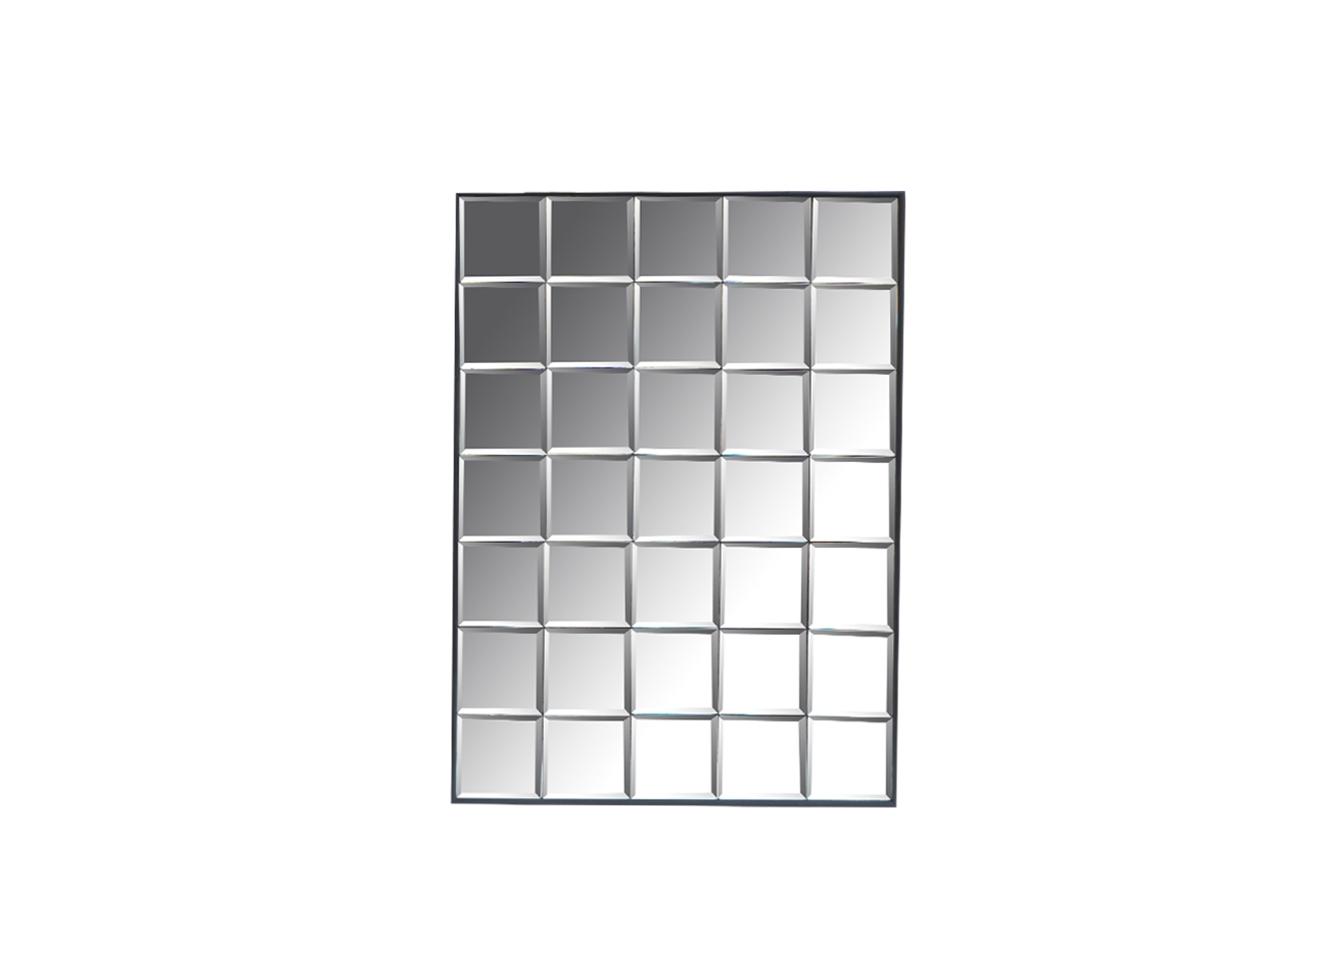 Зеркало КубНастенные зеркала<br><br><br>Material: Металл<br>Width см: 61<br>Depth см: 5<br>Height см: 91